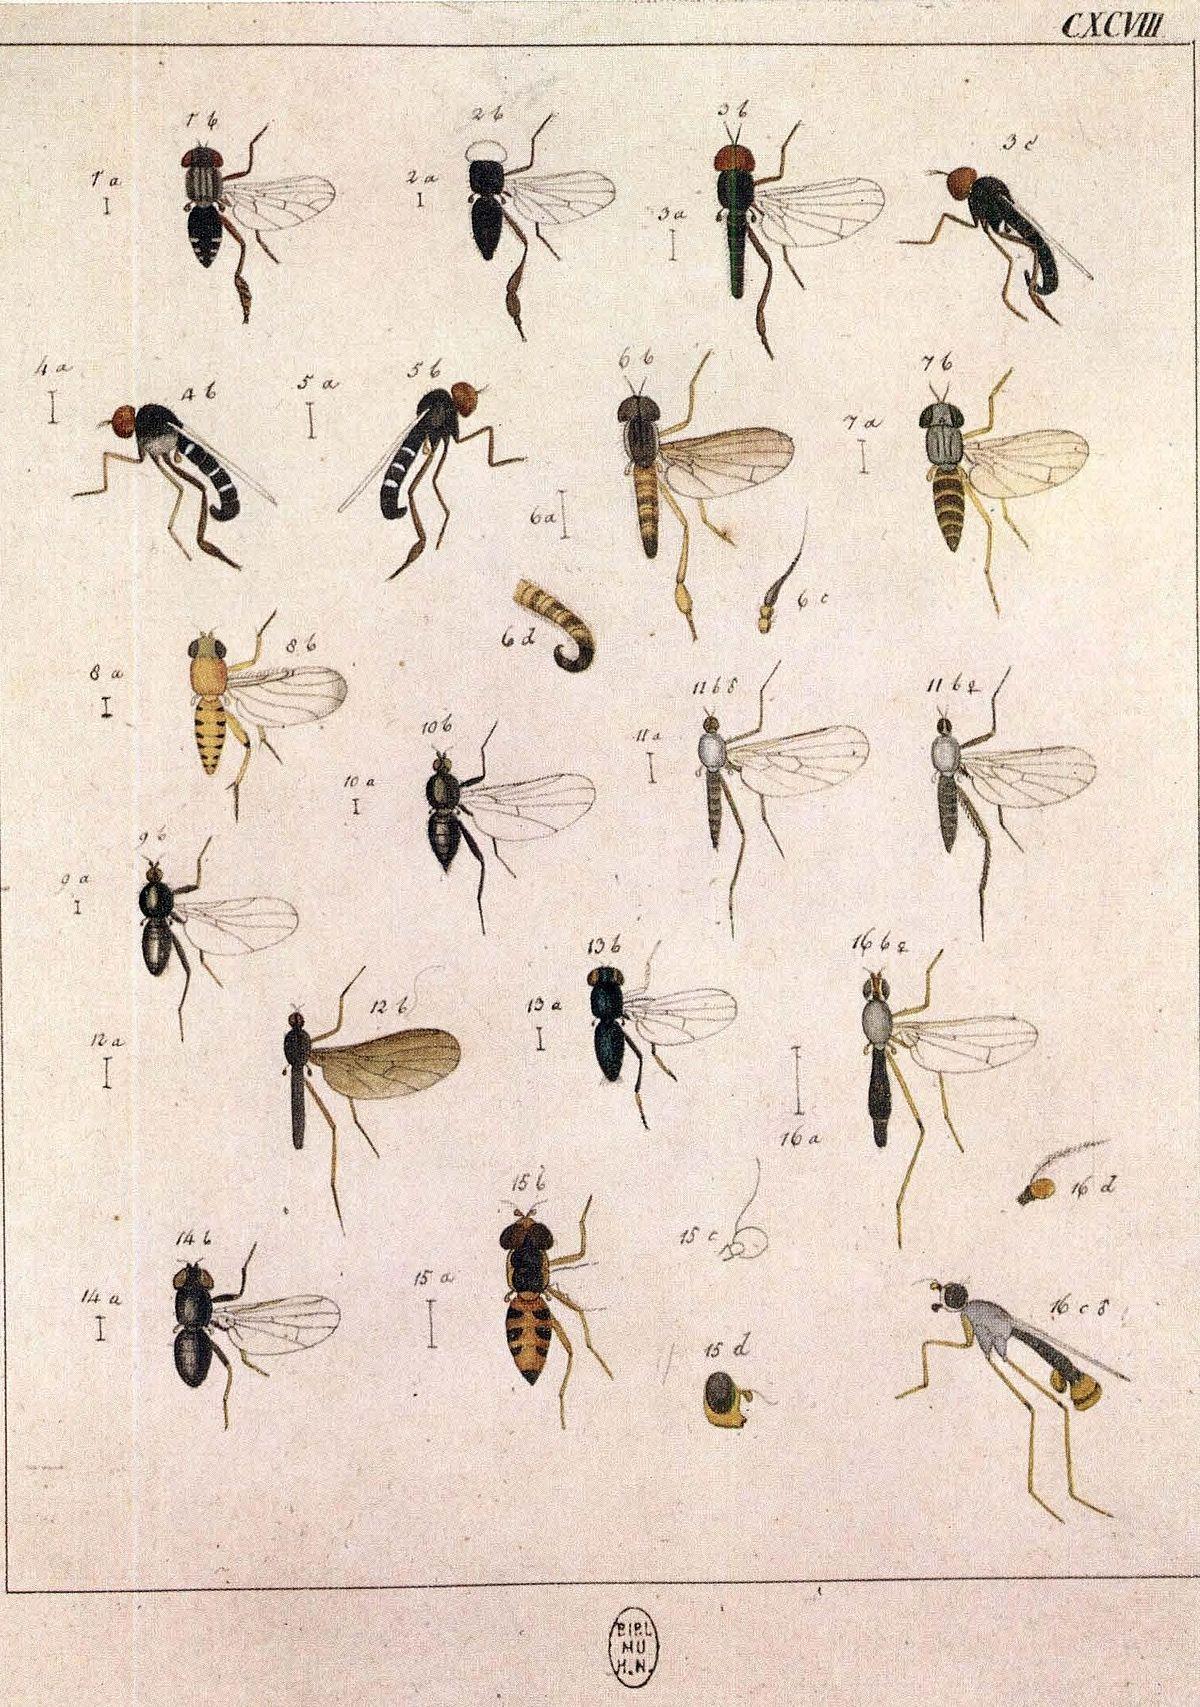 Callomyia Elegans